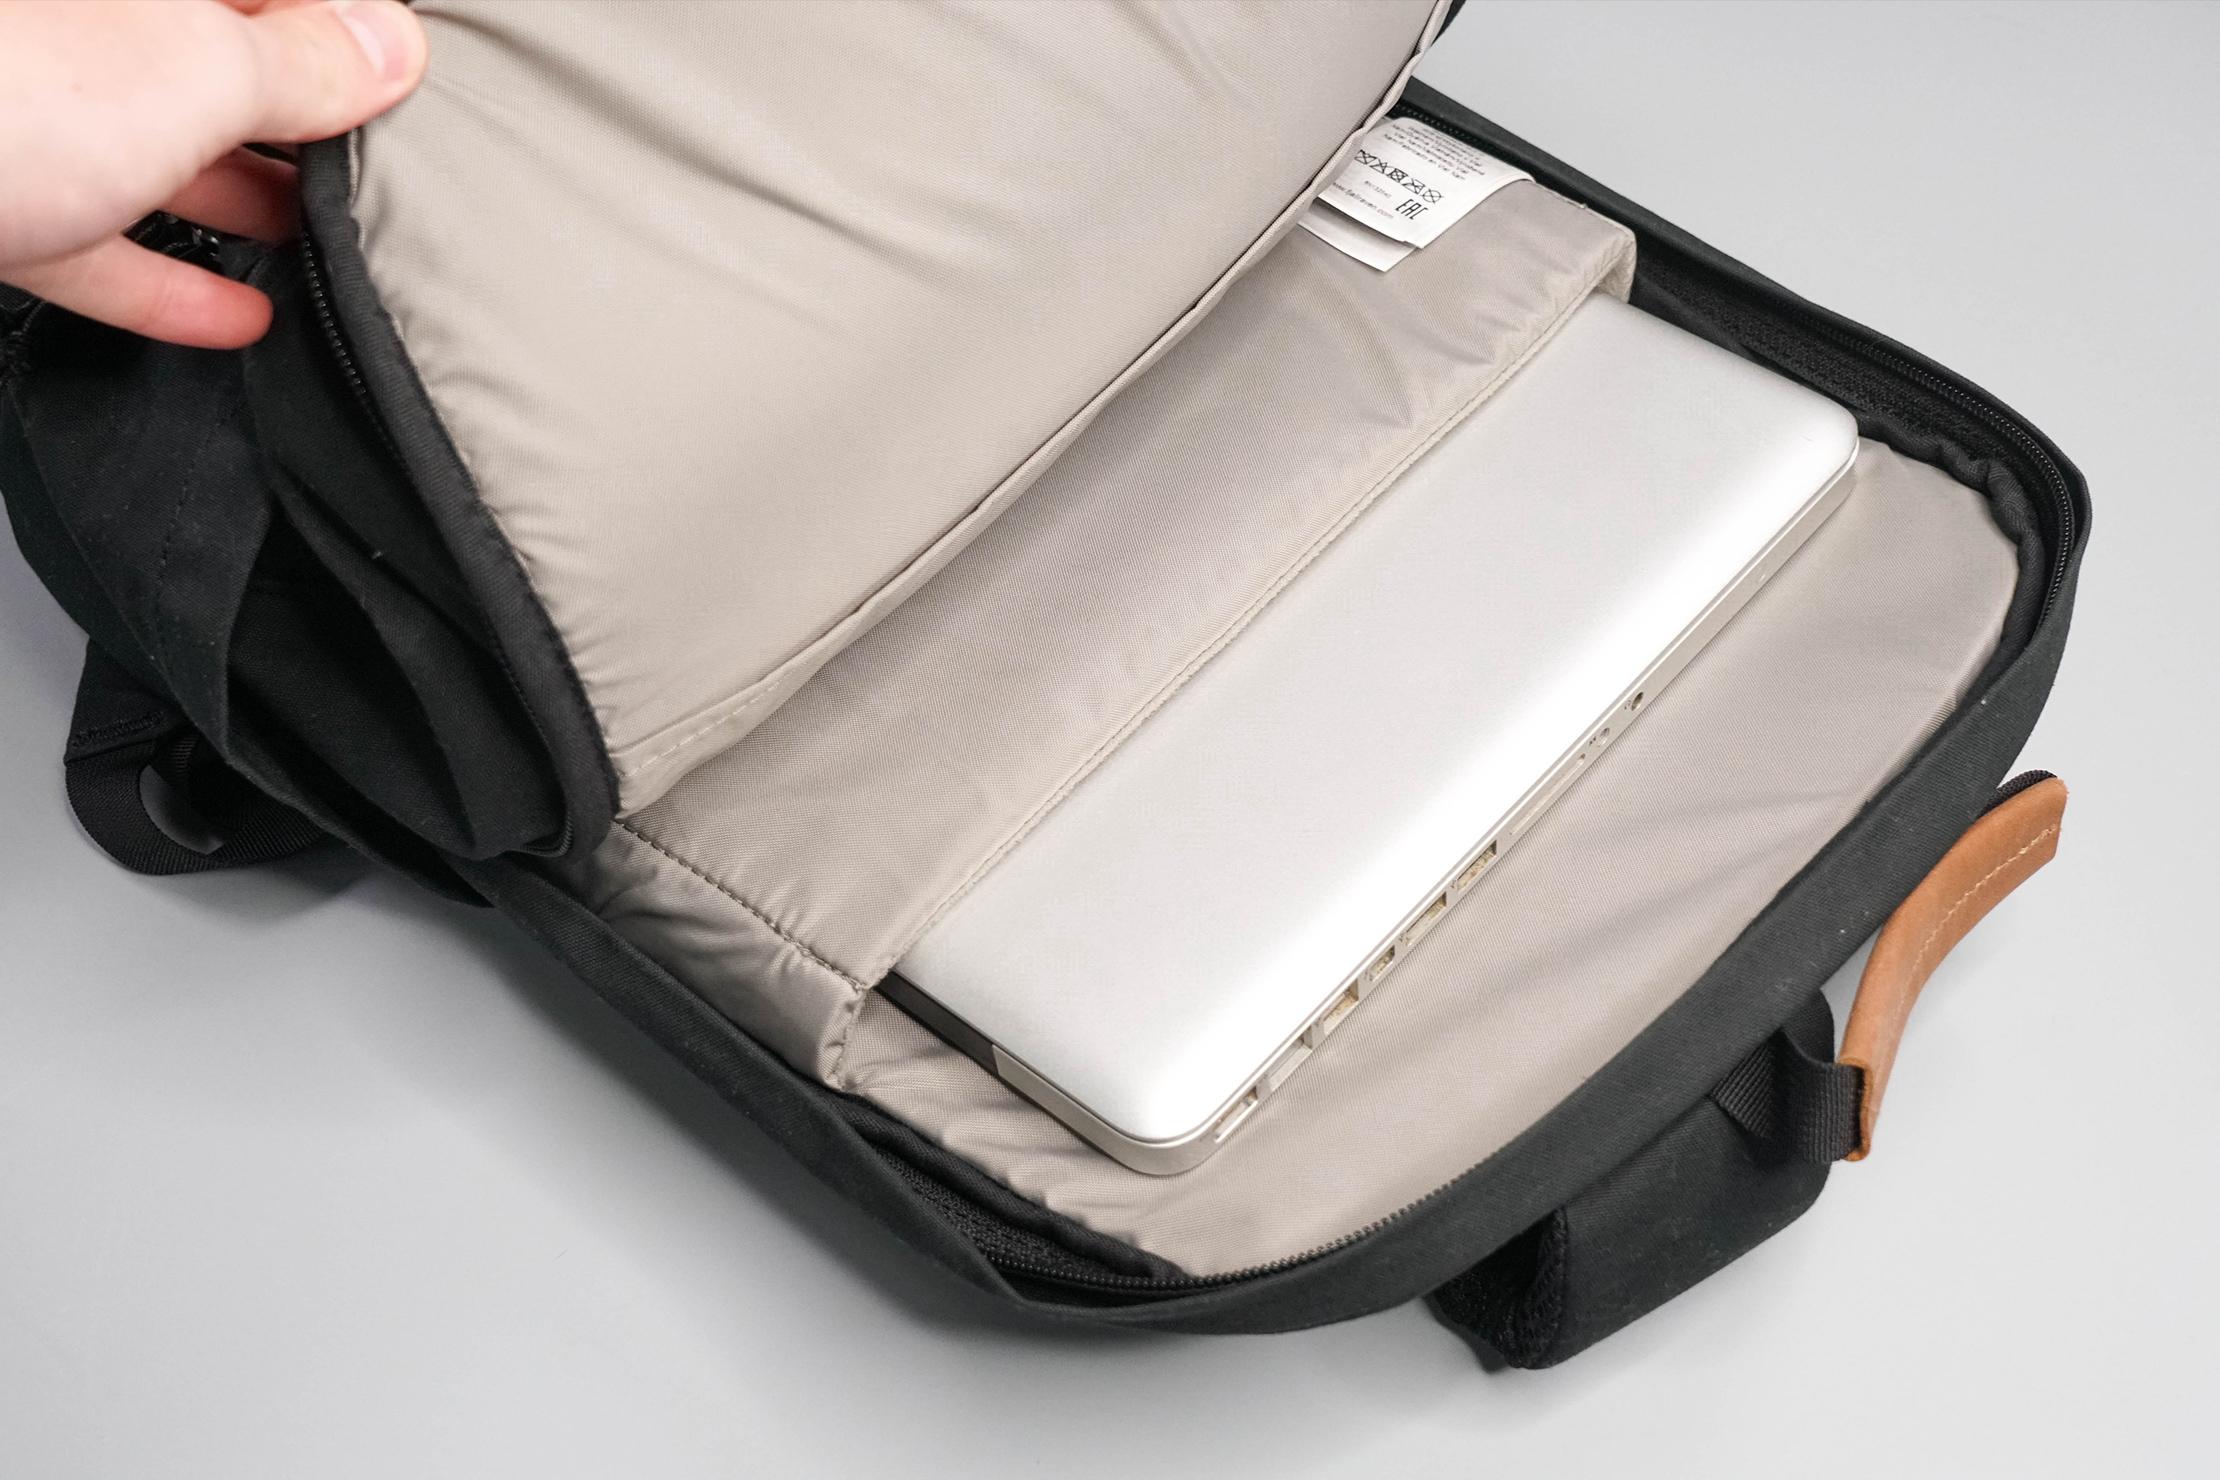 Fjallraven Raven 28 Laptop Compartment